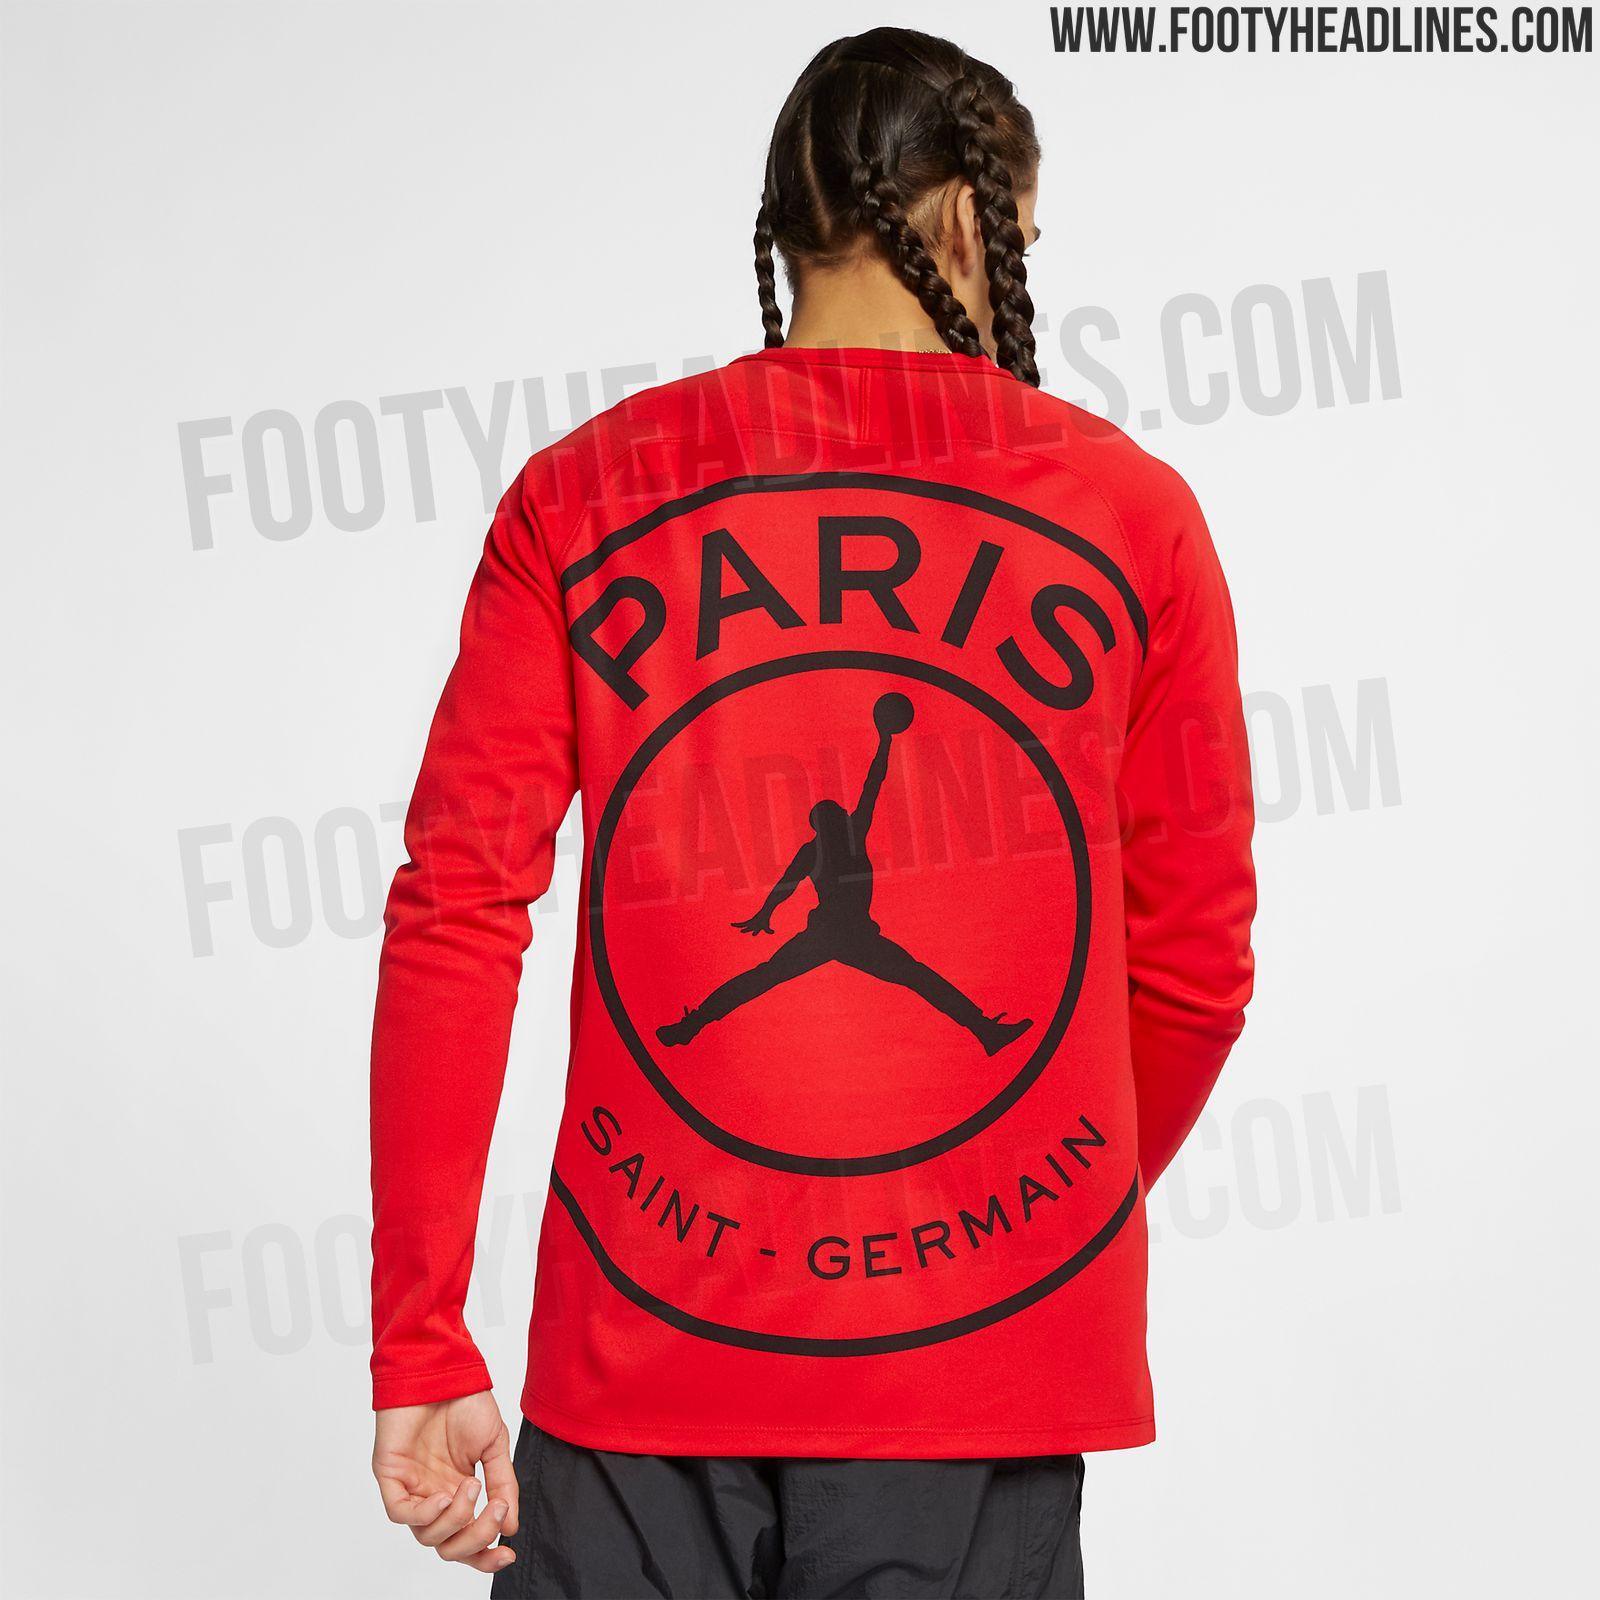 new product 2c9cb 2c9e1 New Red/Black Jordan PSG 2019 Squad Top Leaked | Futbolgrid